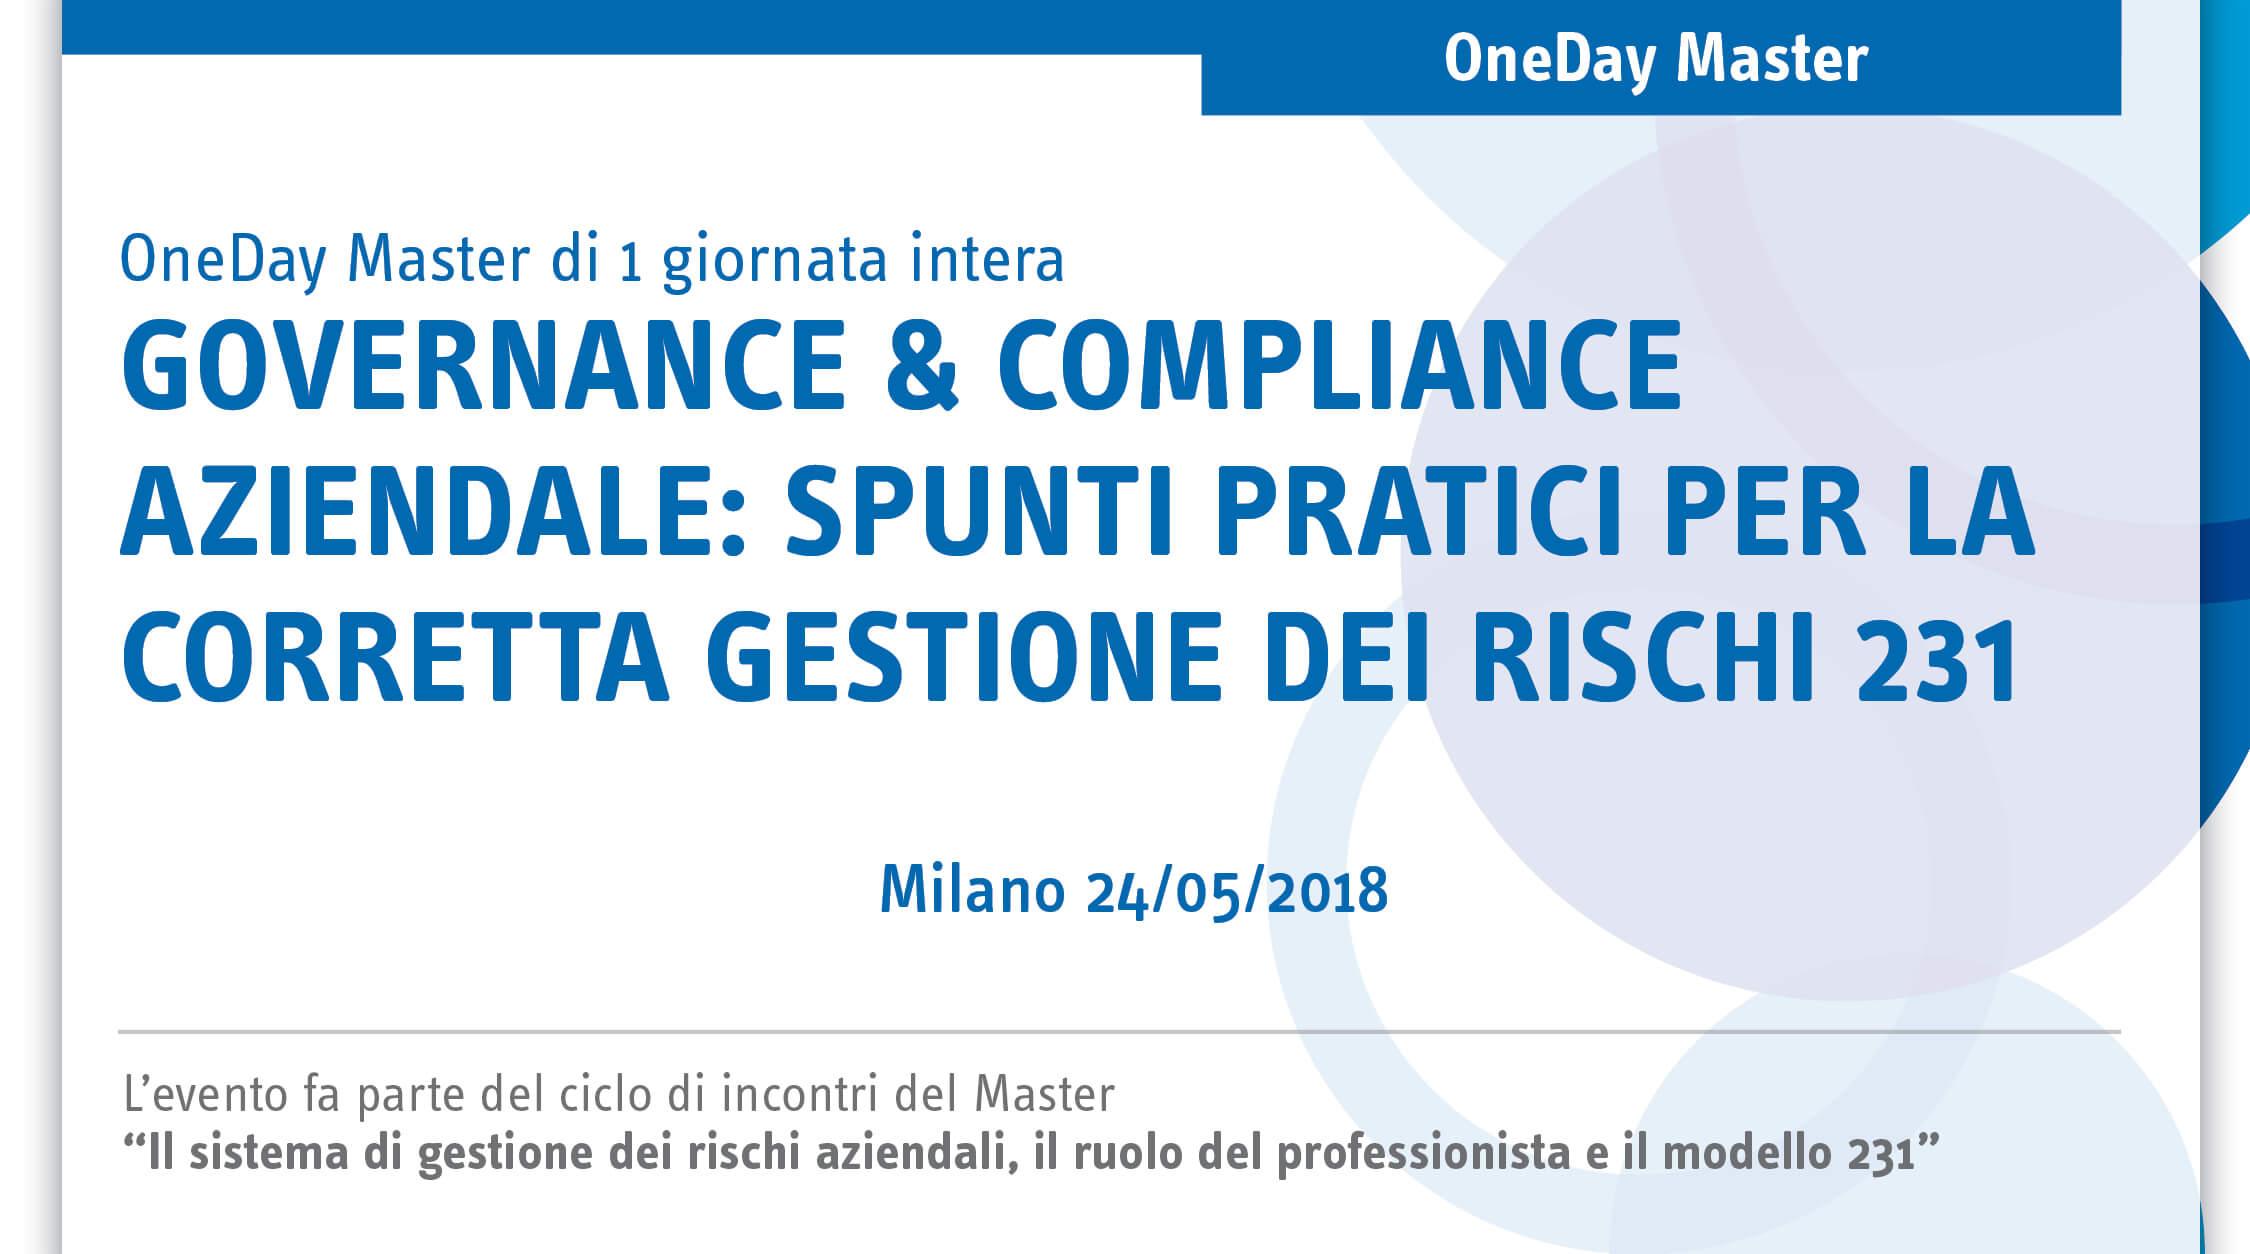 Governance & Compliance Aziendale: spunti pratici per la corretta gestione dei rischi 231